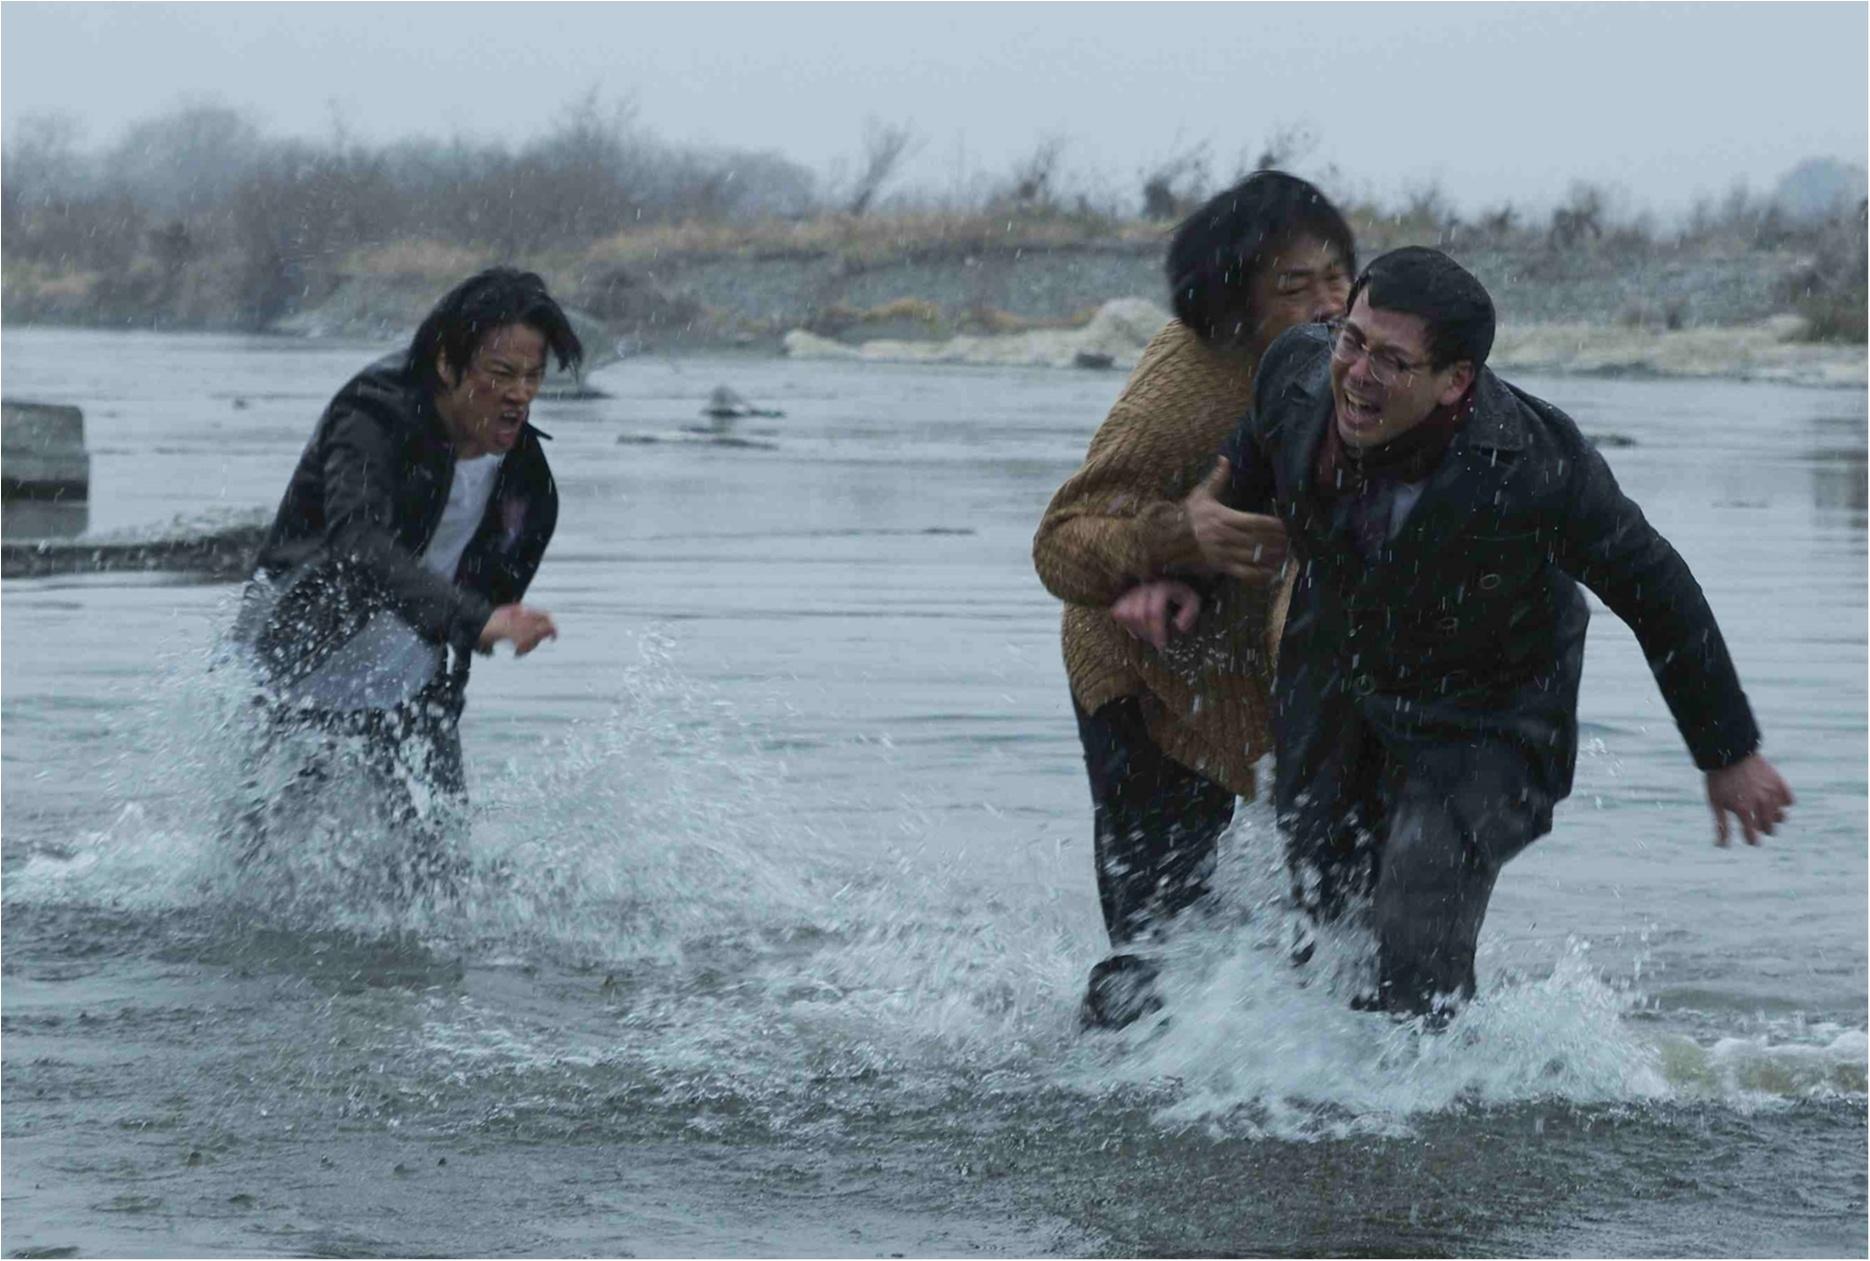 篠田麻里子の悪女ぶりも必見! 大森南朋、鈴木浩介、桐谷健太が3兄弟の愛憎劇に挑む映画『ビジランテ』_1